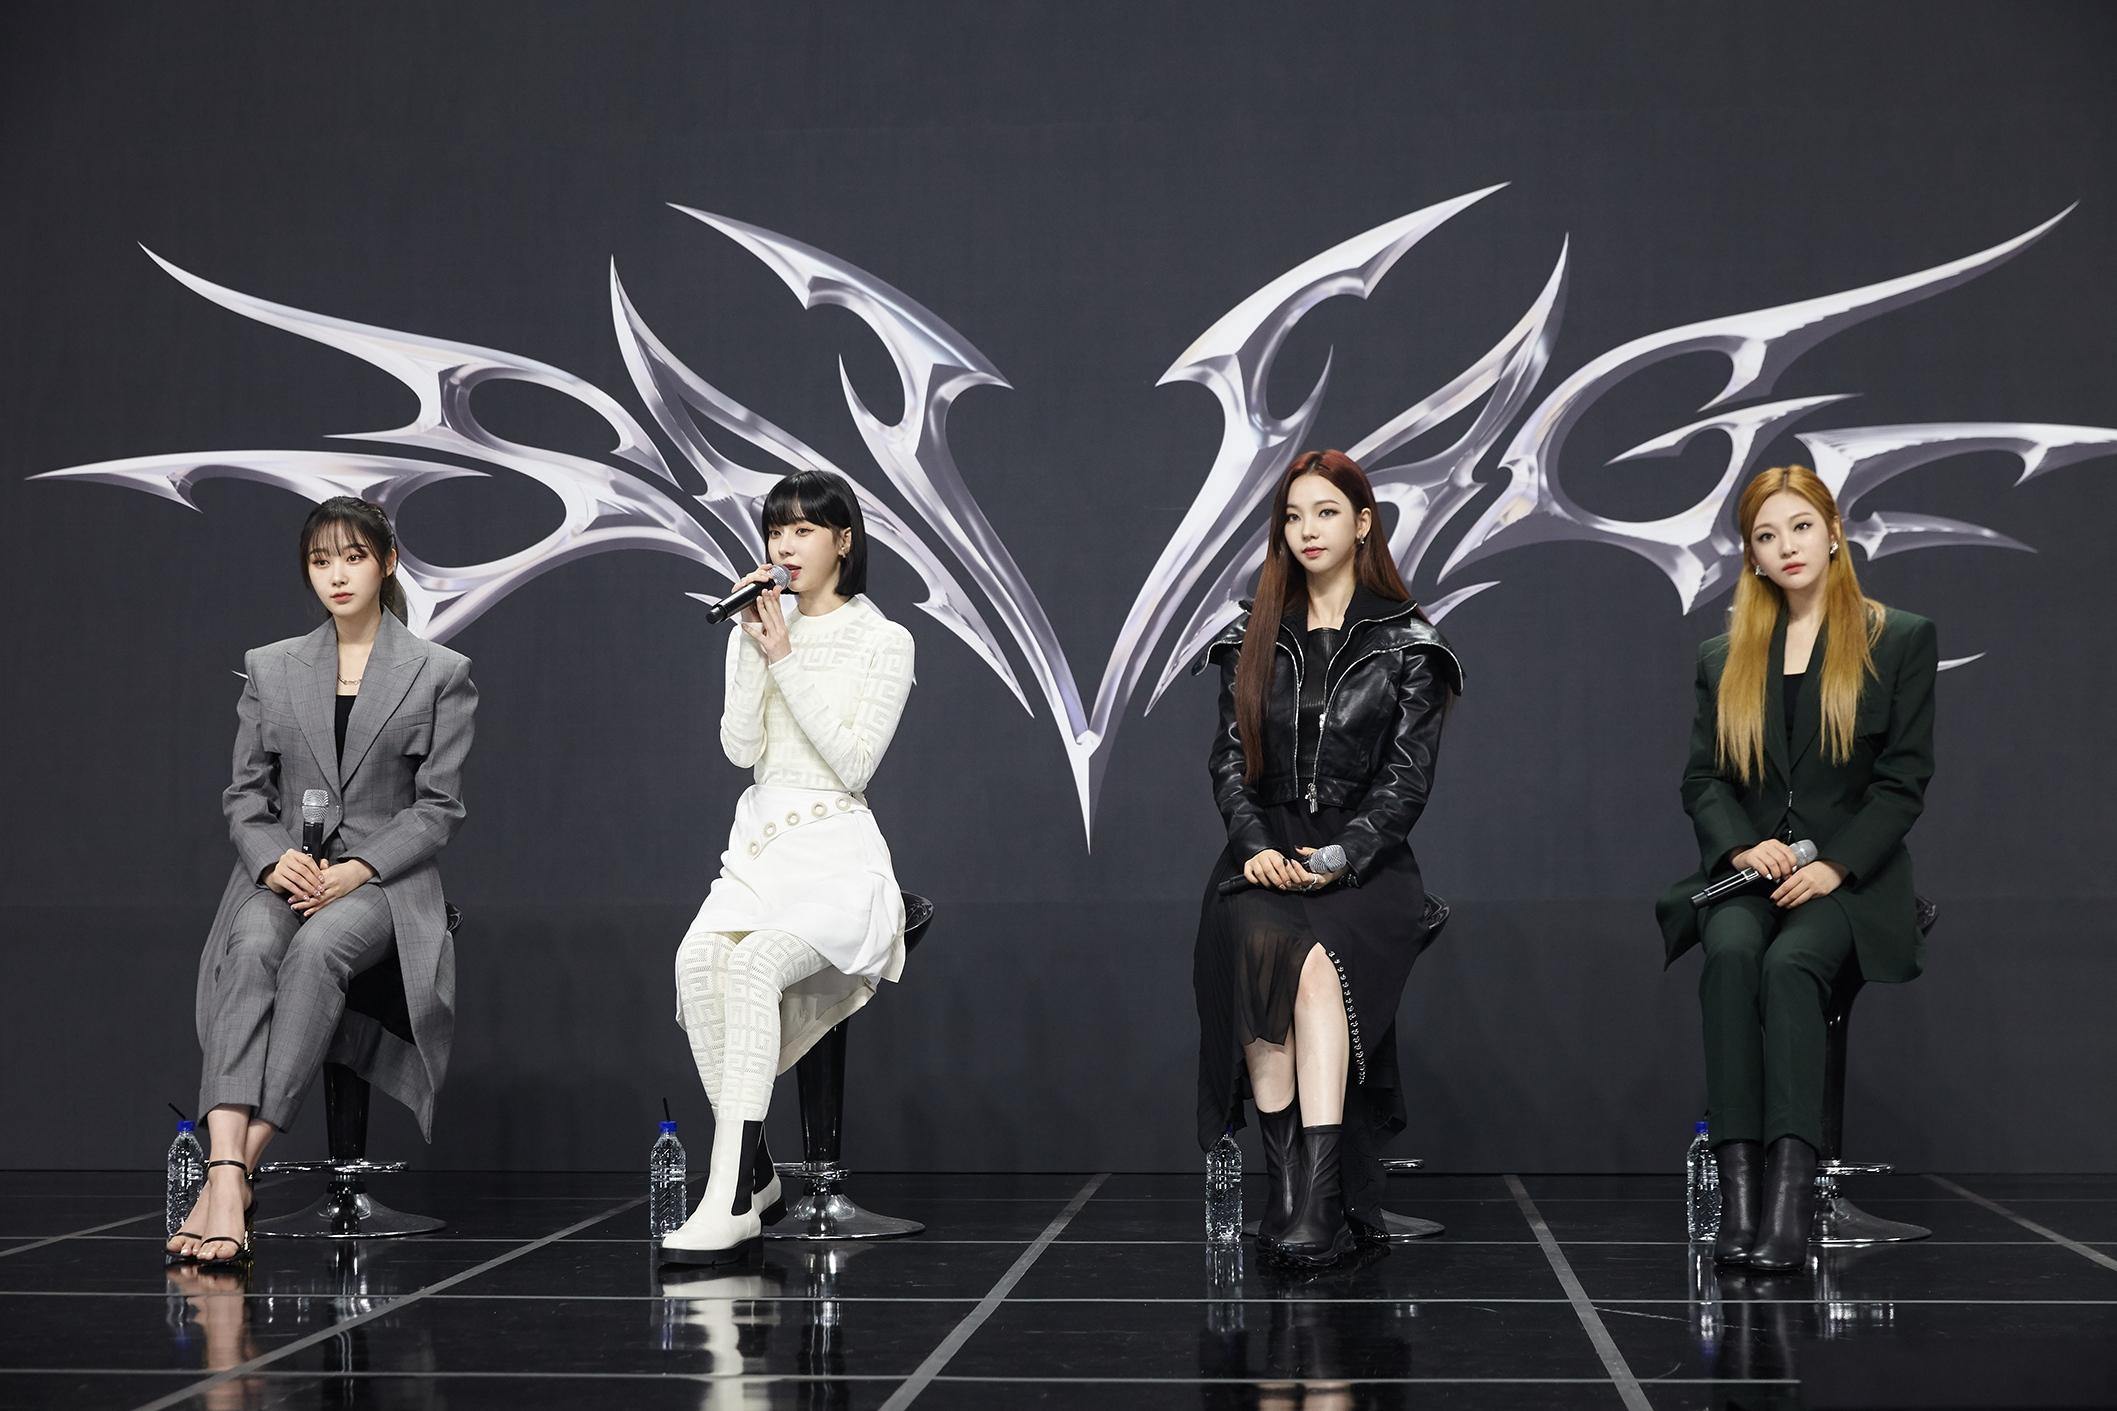 aespa chính thức trở lại với mini album đầu tay 'Savage', thiết lập thành tích khủng với hơn 400,000 bản pre-order